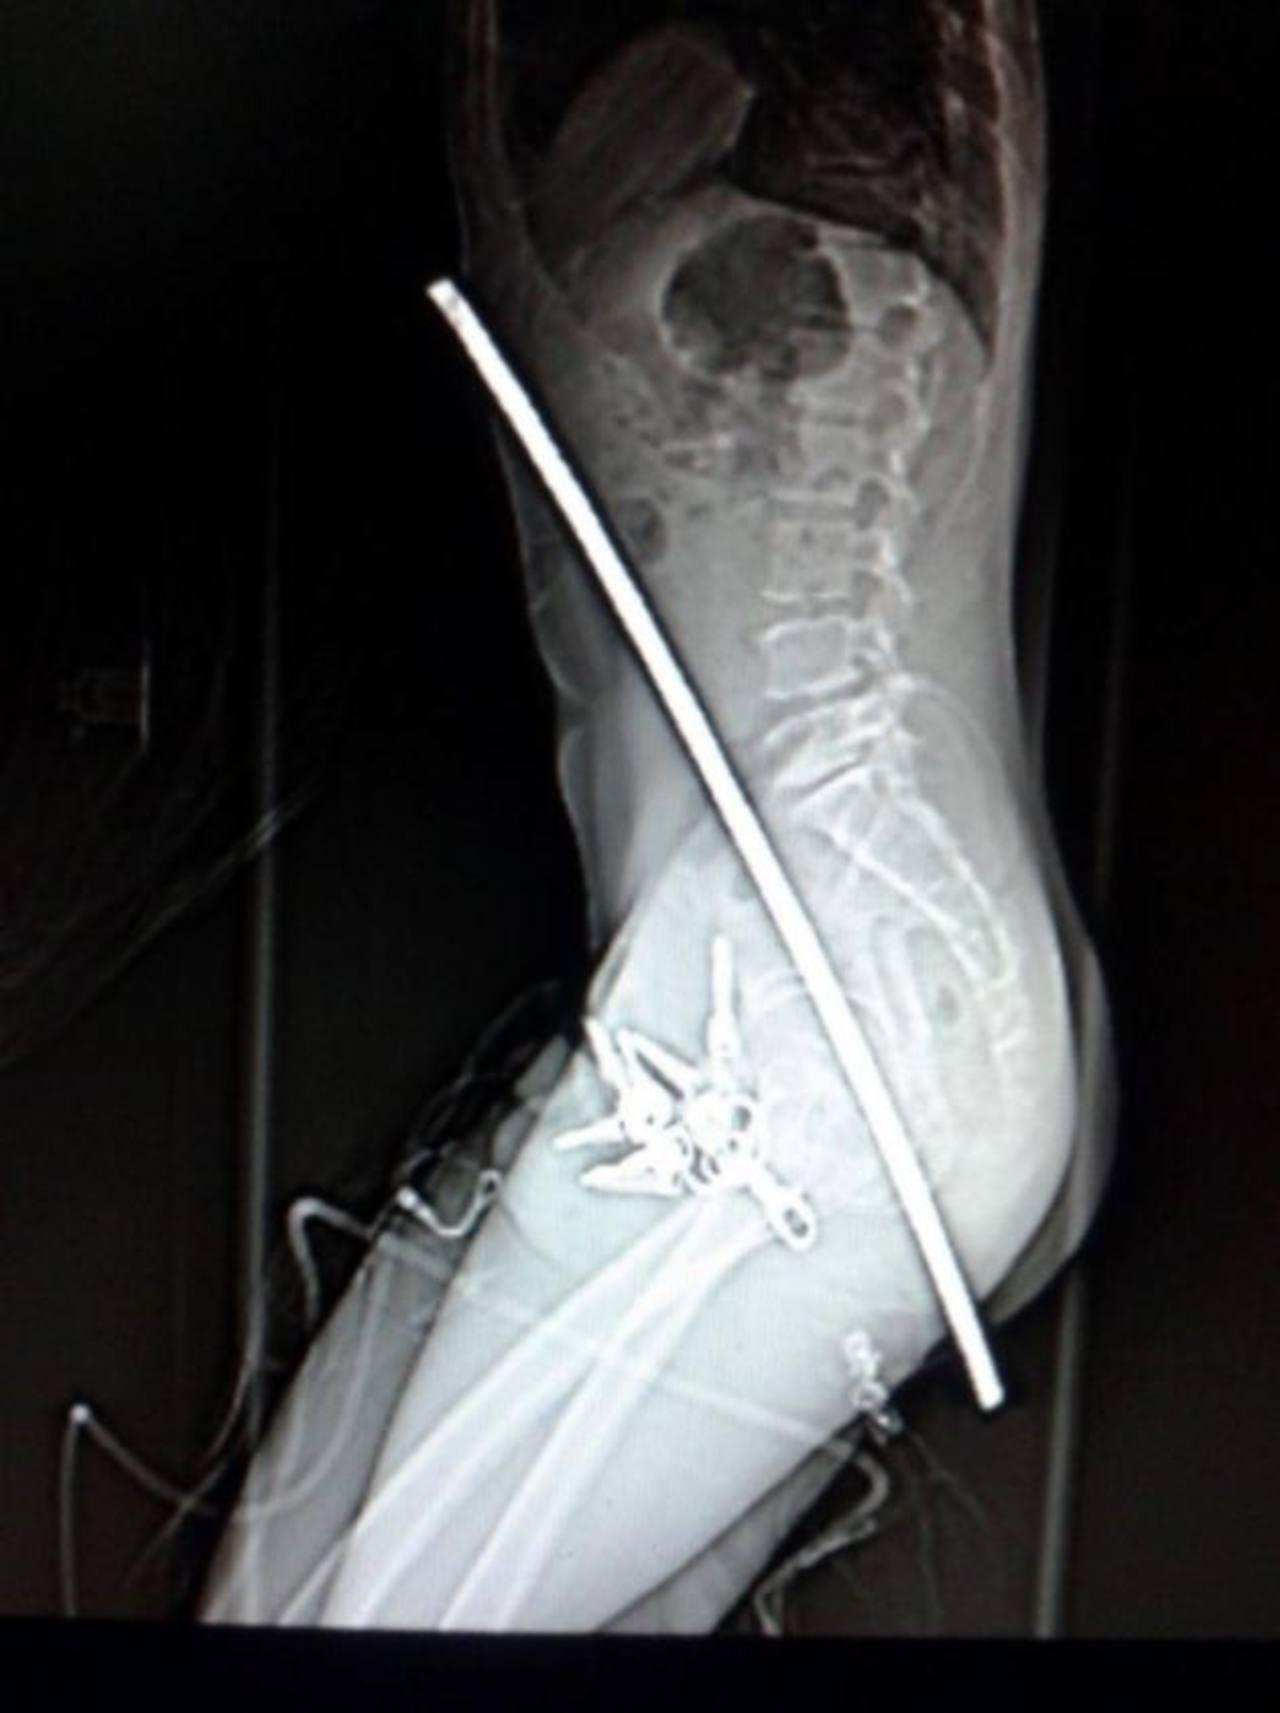 Trabajador cae de andamio y se incrusta barra de metal